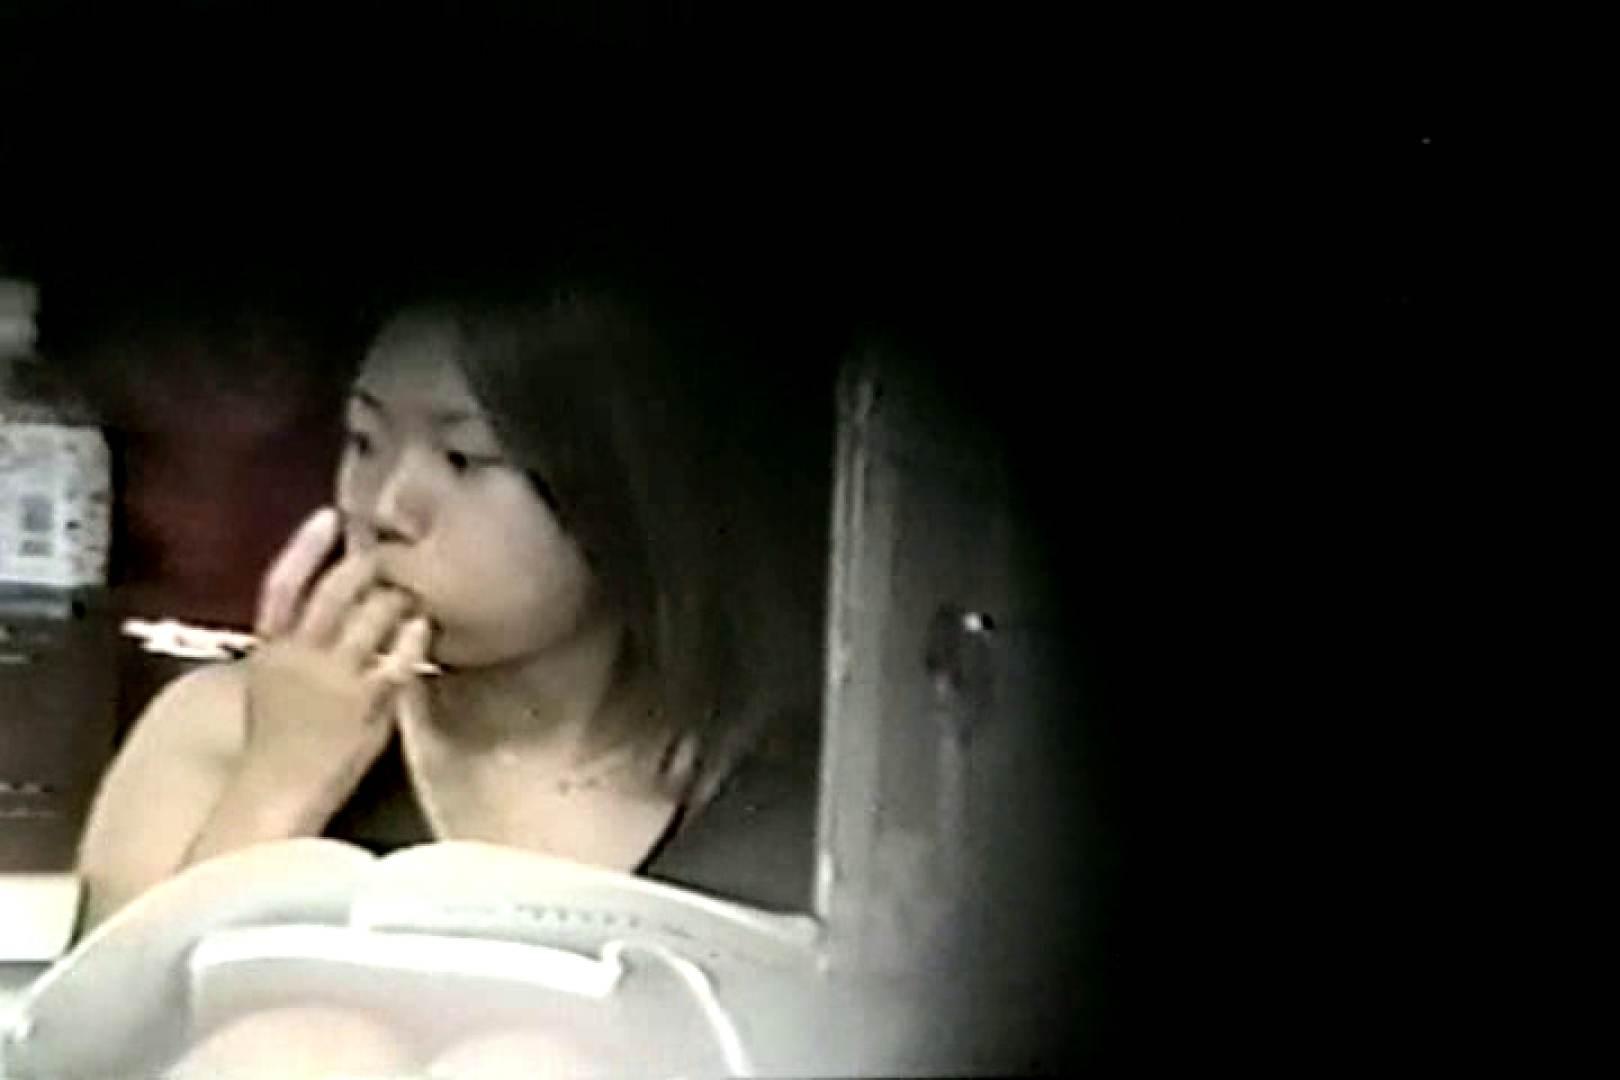 深夜の撮影会Vol.6 OLの実態   民家  56pic 51